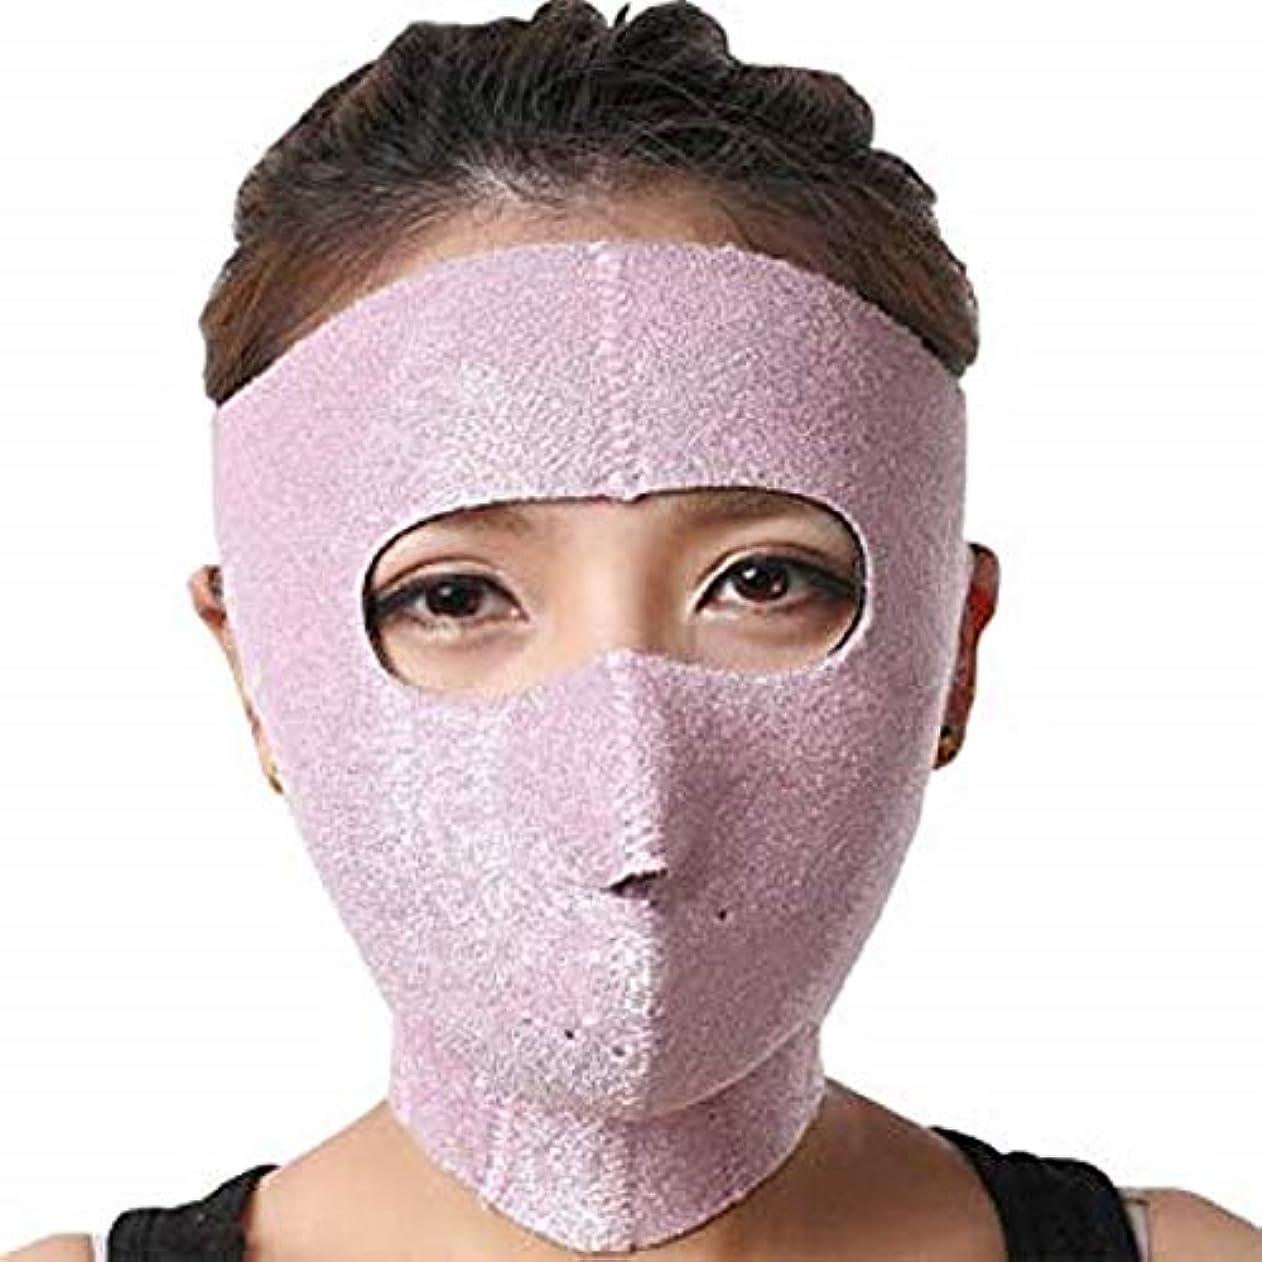 達成する年齢避けられないリタプロショップ? 小顔矯正 3Dマスク 発汗 サウナ フェイスライン 引き締め